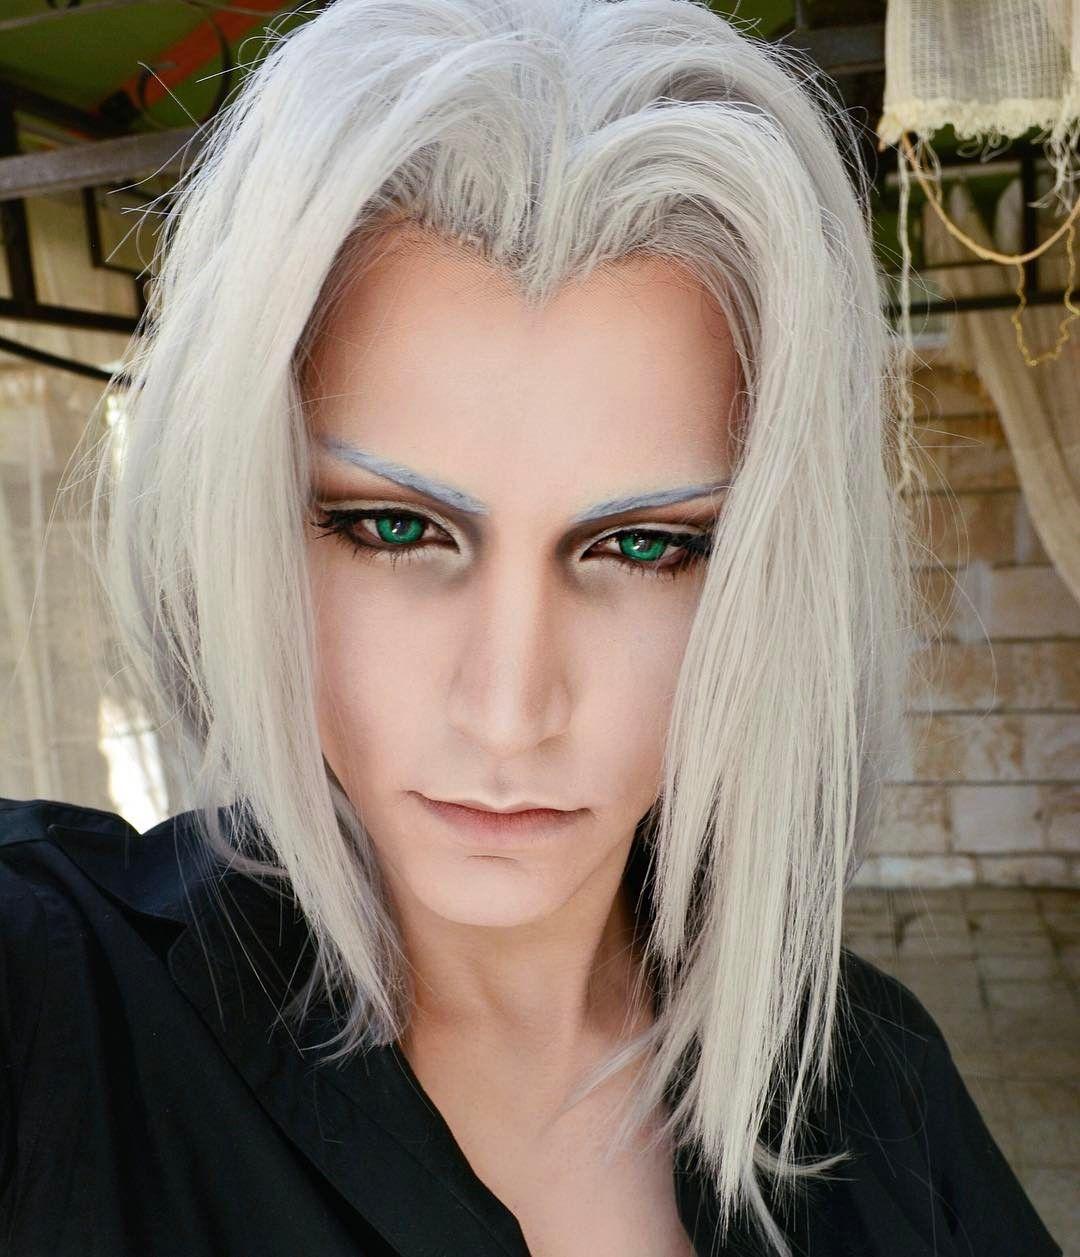 Top 10 Final Fantasy villain quotes - YouTube